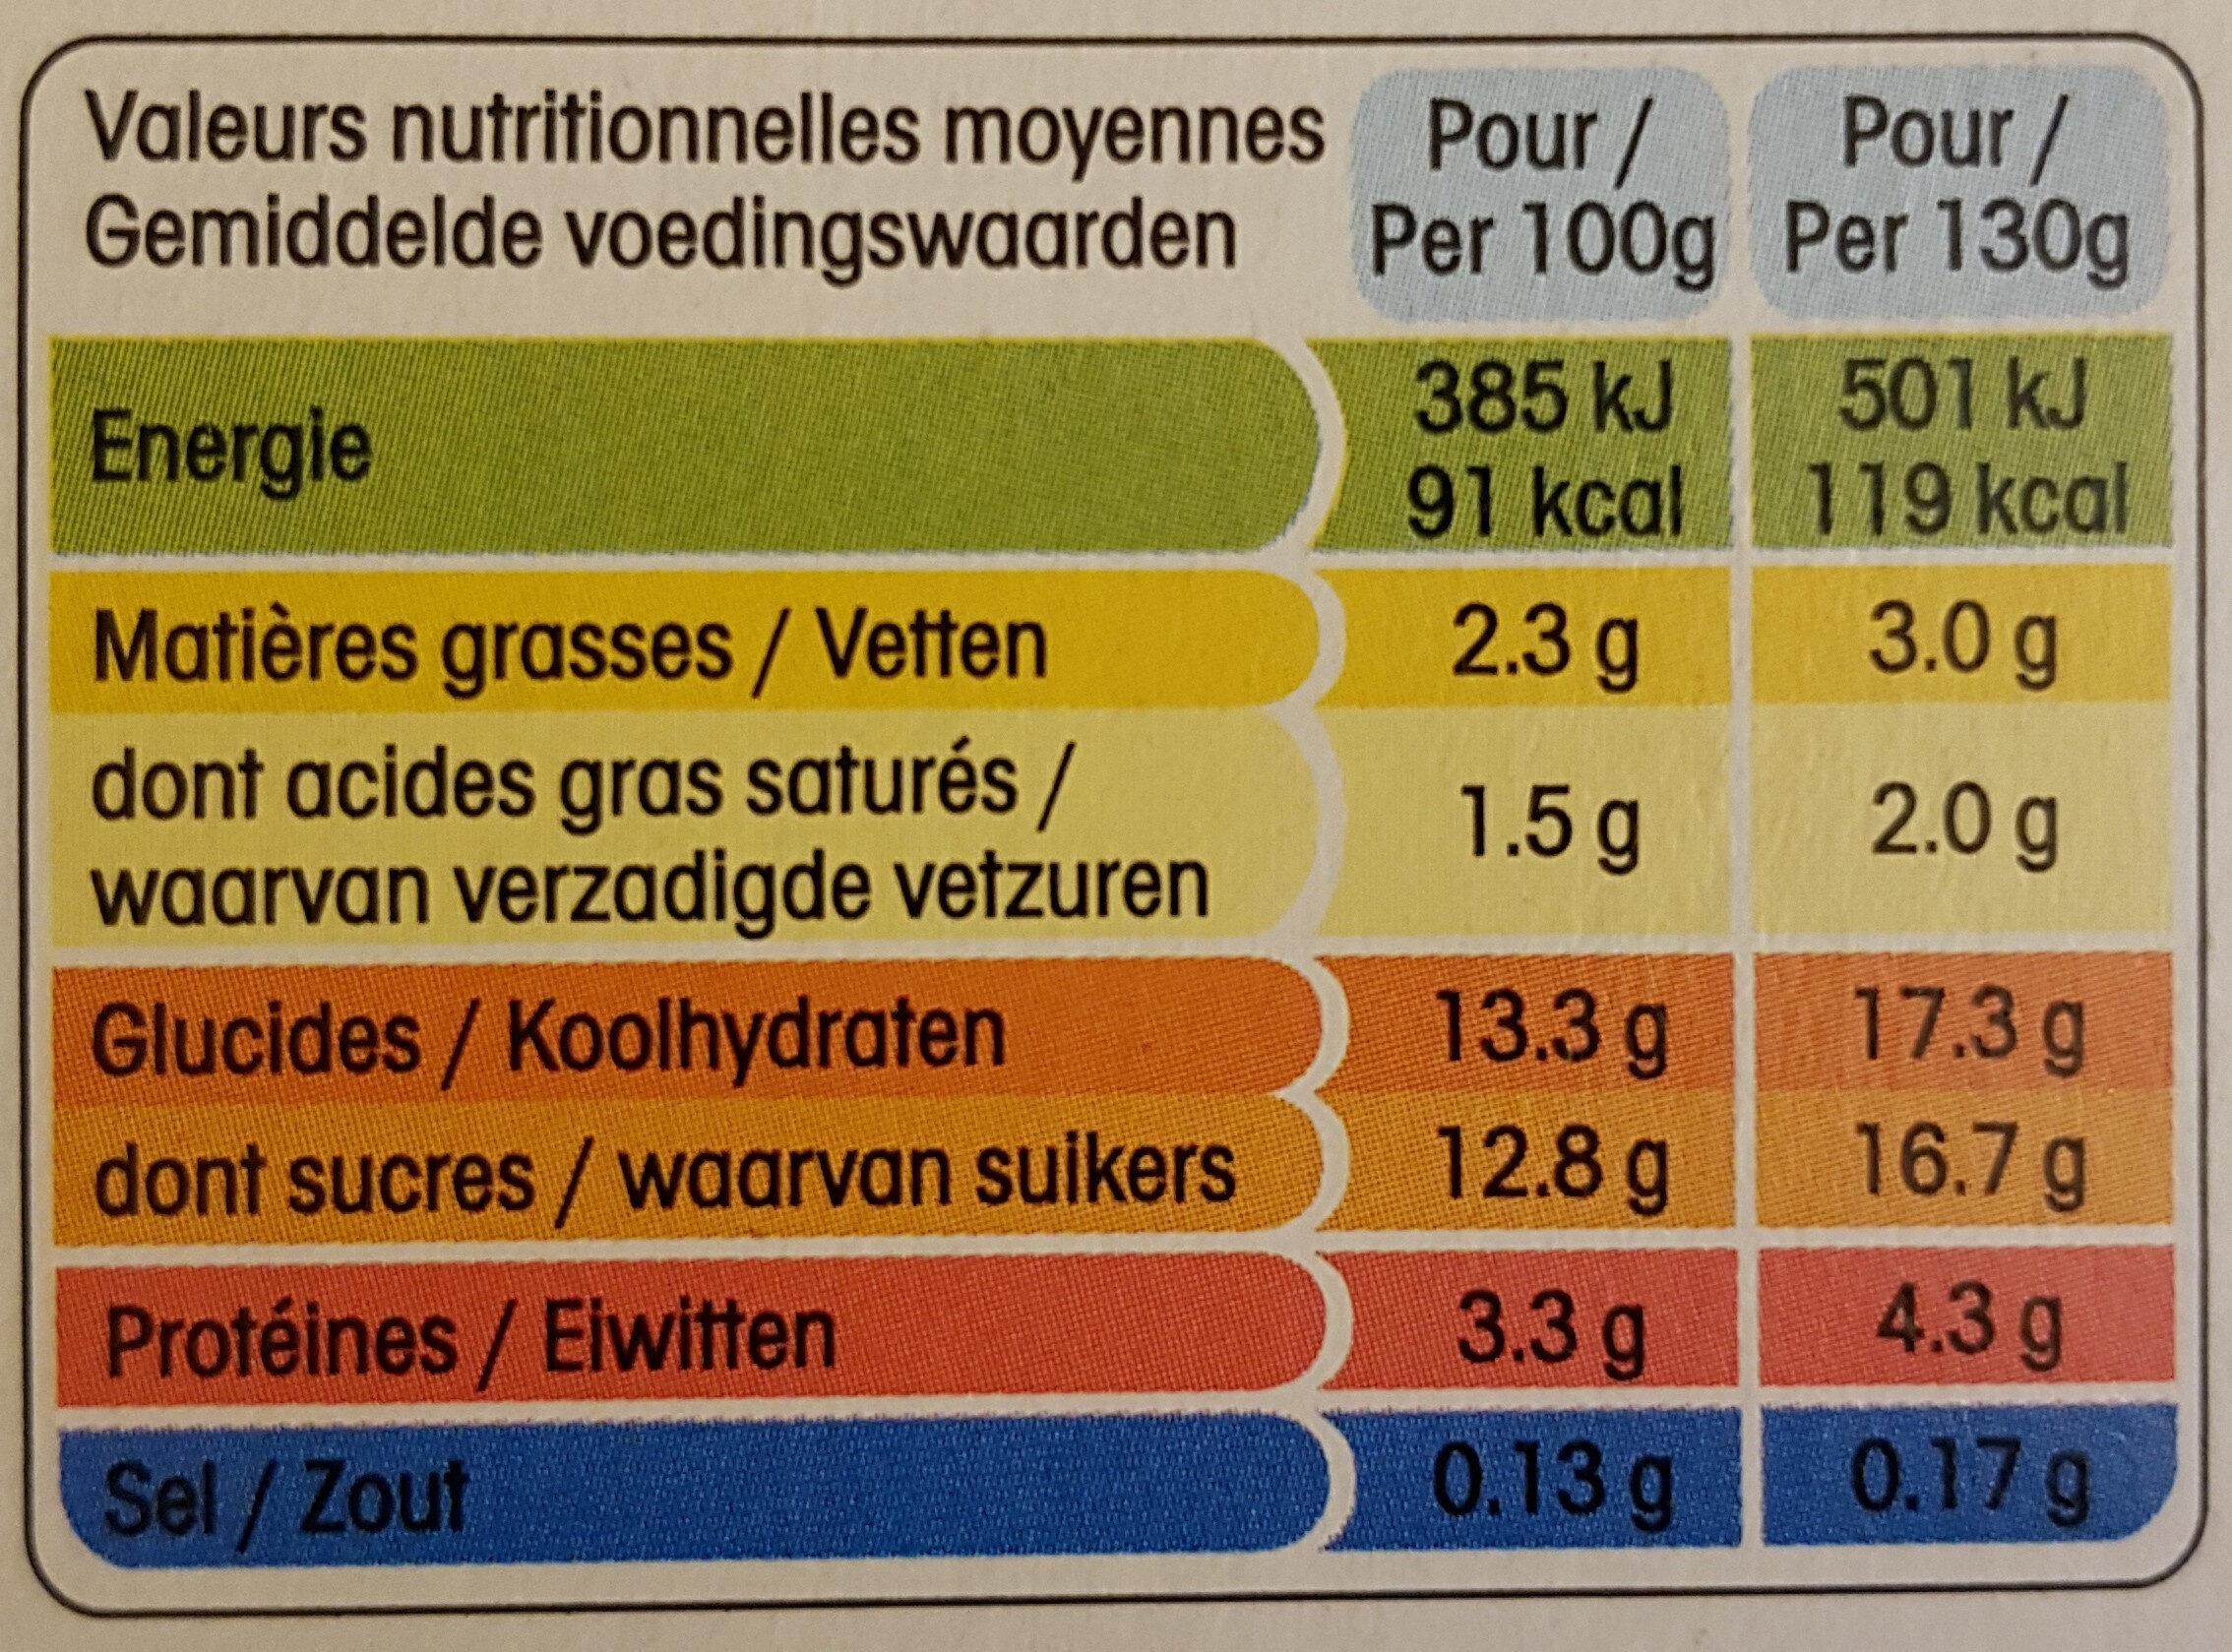 Panier de Yoplait - Cerise - Informations nutritionnelles